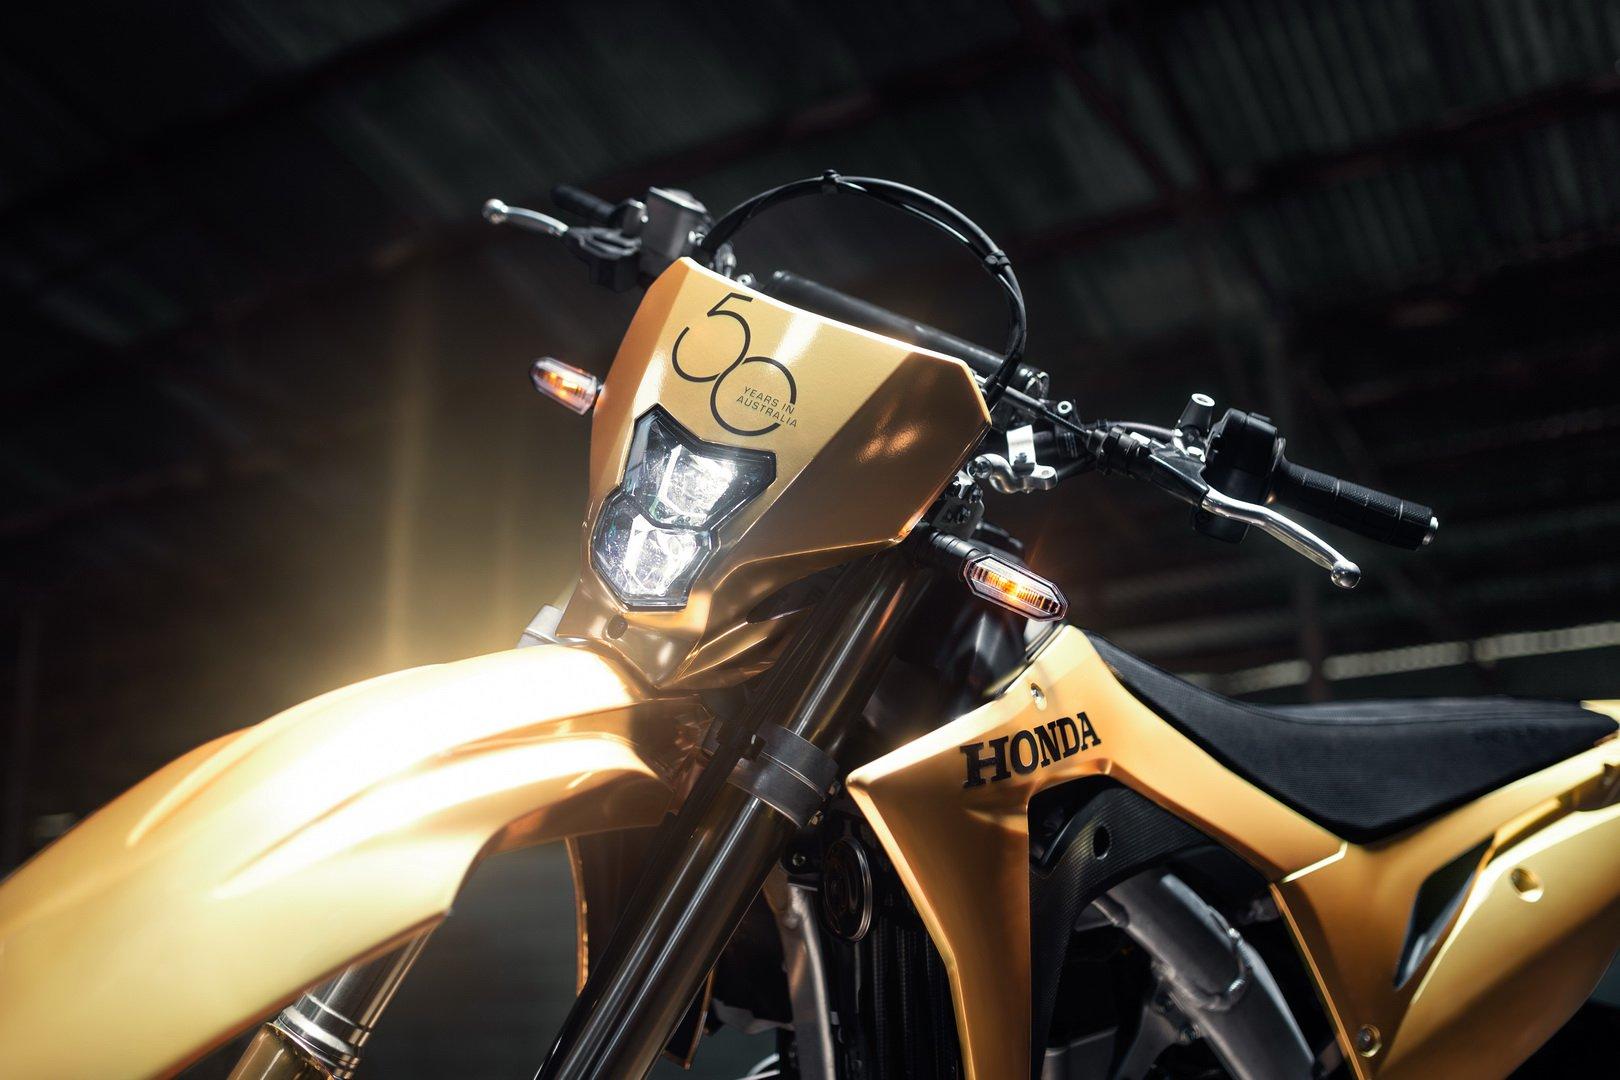 Honda_Australia_50_Years_NSX_Civic_Type_R_0019